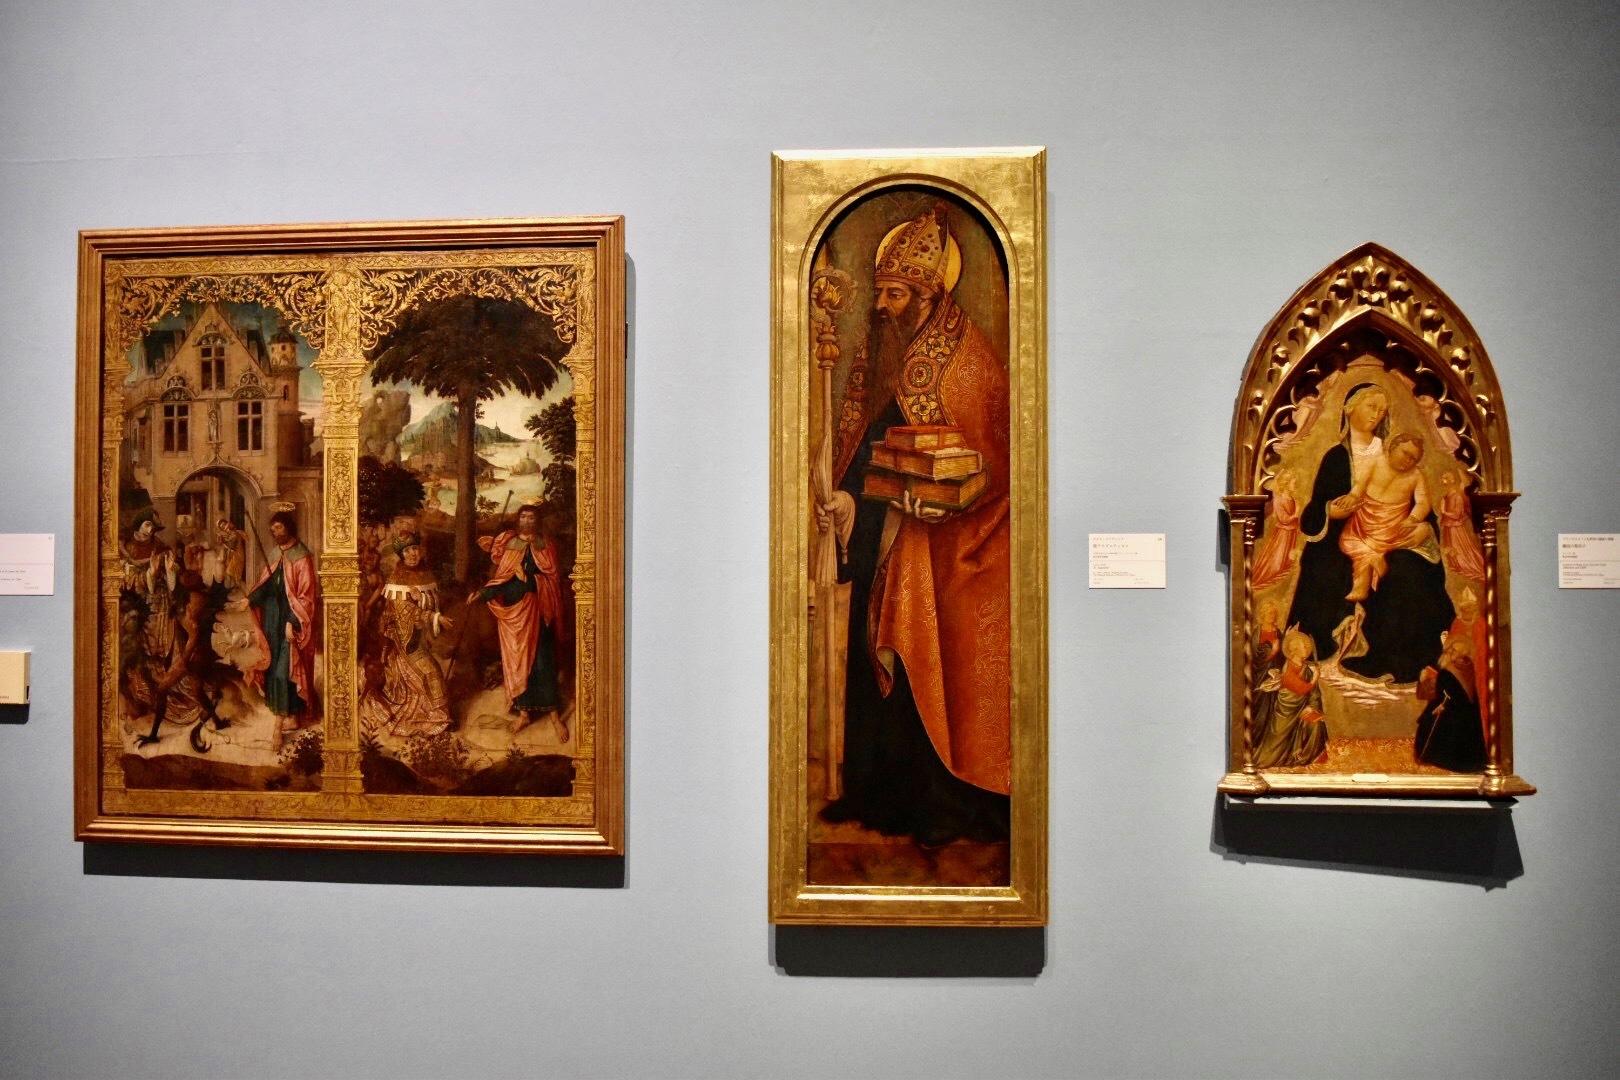 左:作者不詳 《聖ヤコブ伝》 国立西洋美術館蔵 中央:カルロ・クリヴェッリ 《聖アウグスティヌス》 1487年または1488年頃(?) 国立西洋美術館蔵 右:ブラッチョリーニ礼拝堂の画家に帰属 《戴冠の聖母子》 国立西洋美術館蔵